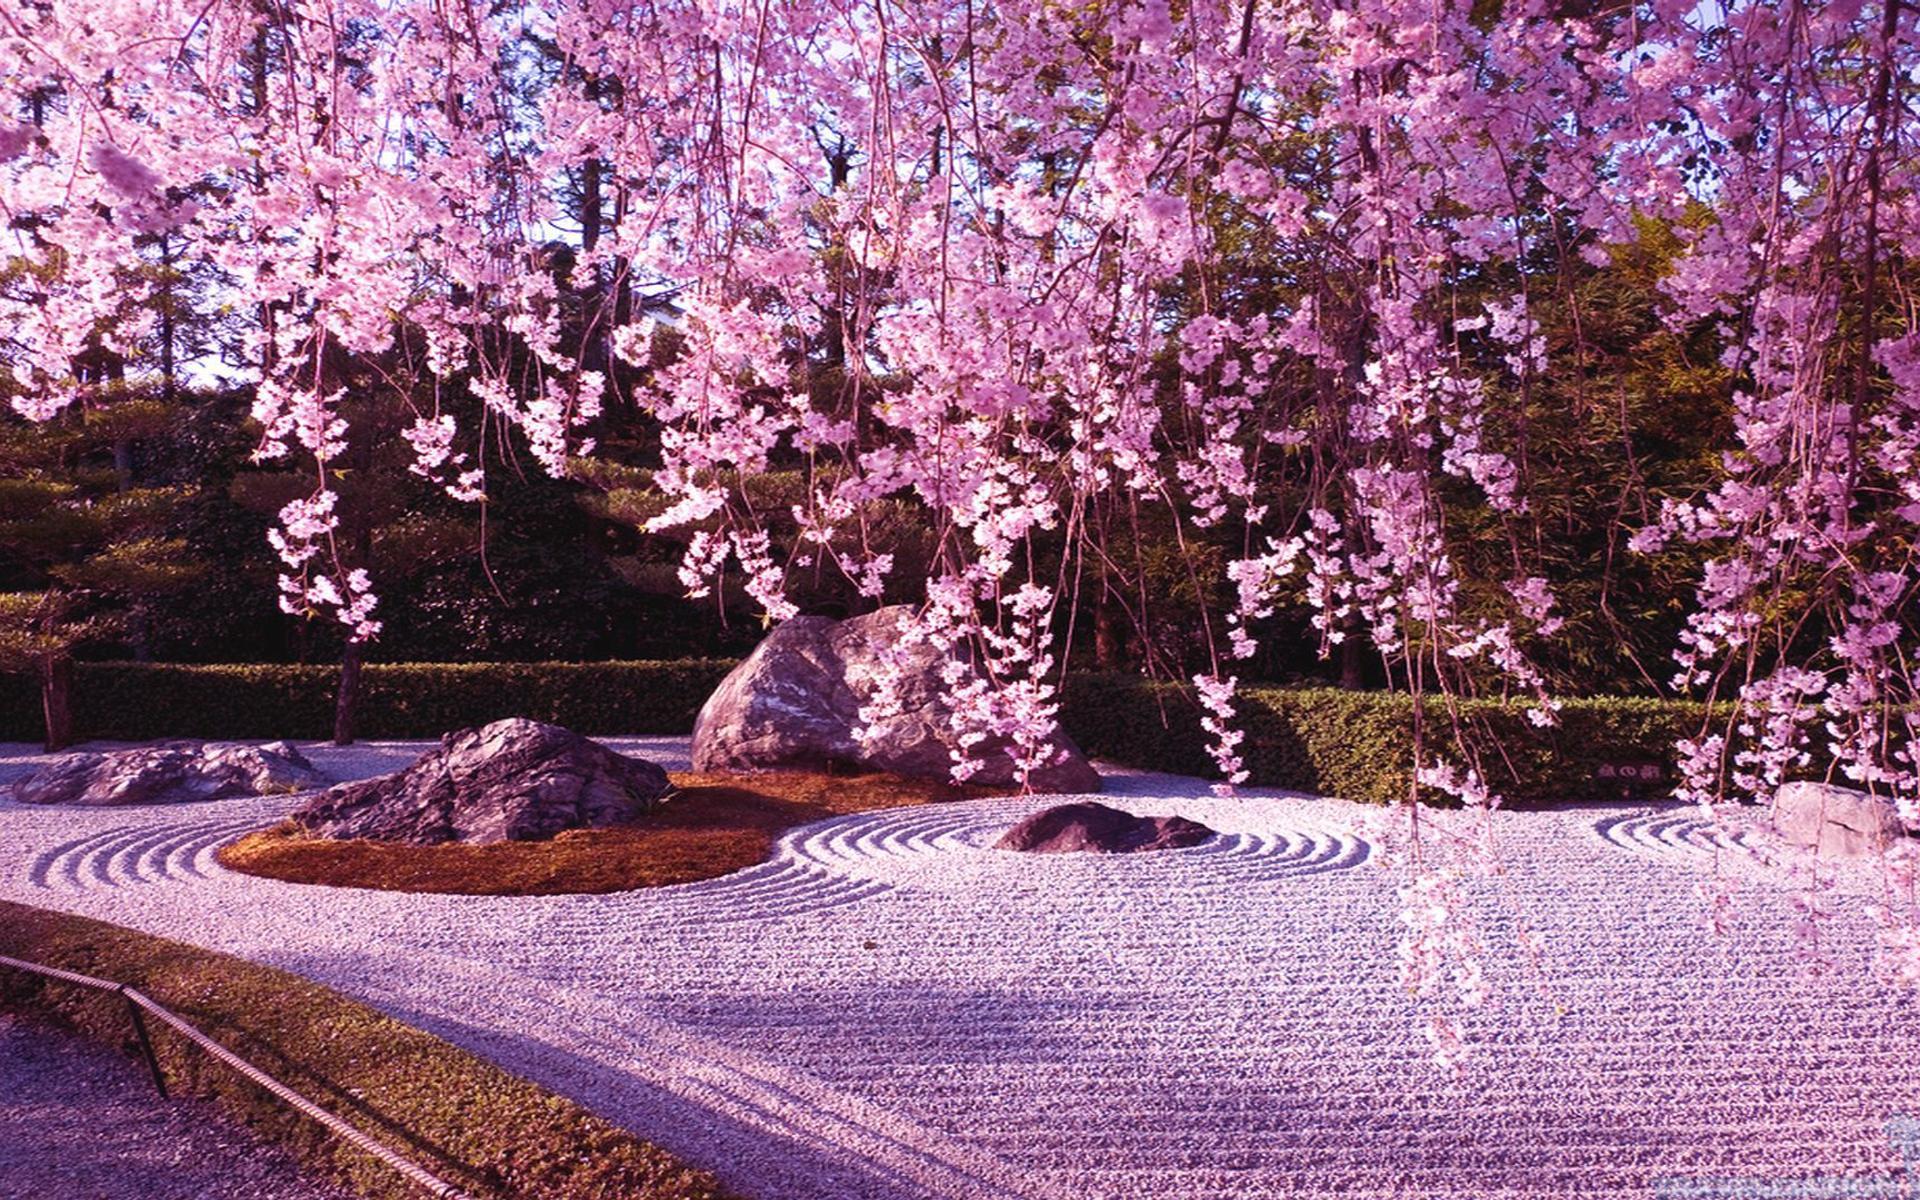 обои для рабочего стола весна япония № 60192 бесплатно